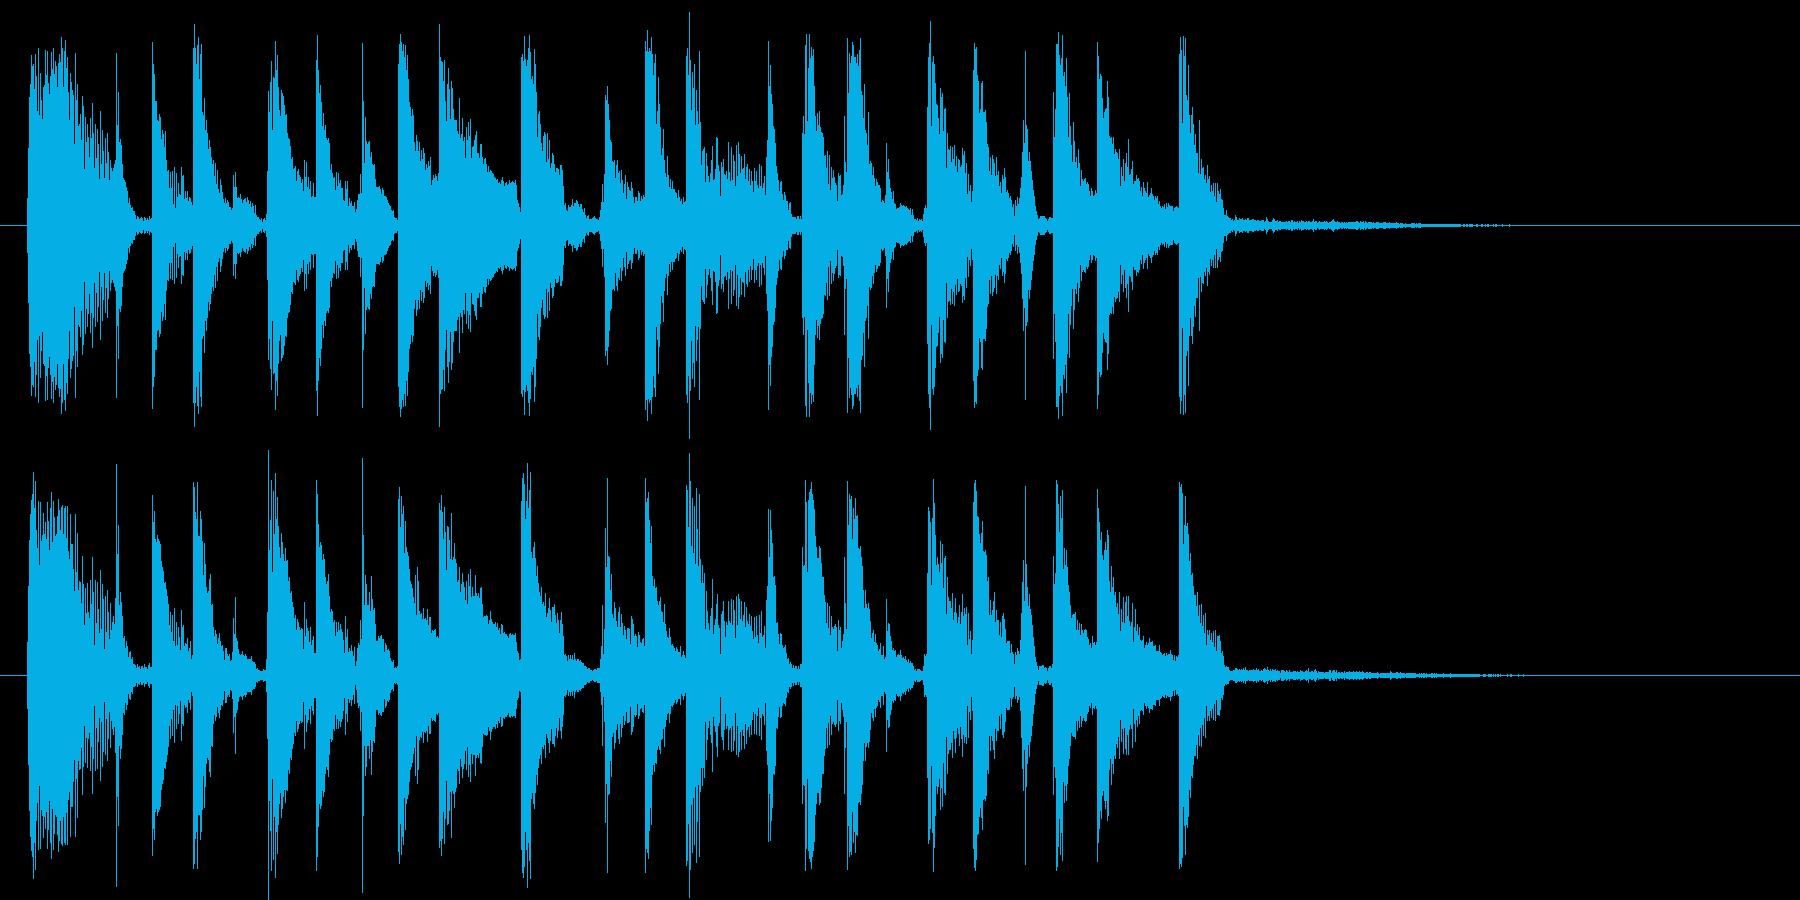 ファンキーなリズムギターカッティングの再生済みの波形